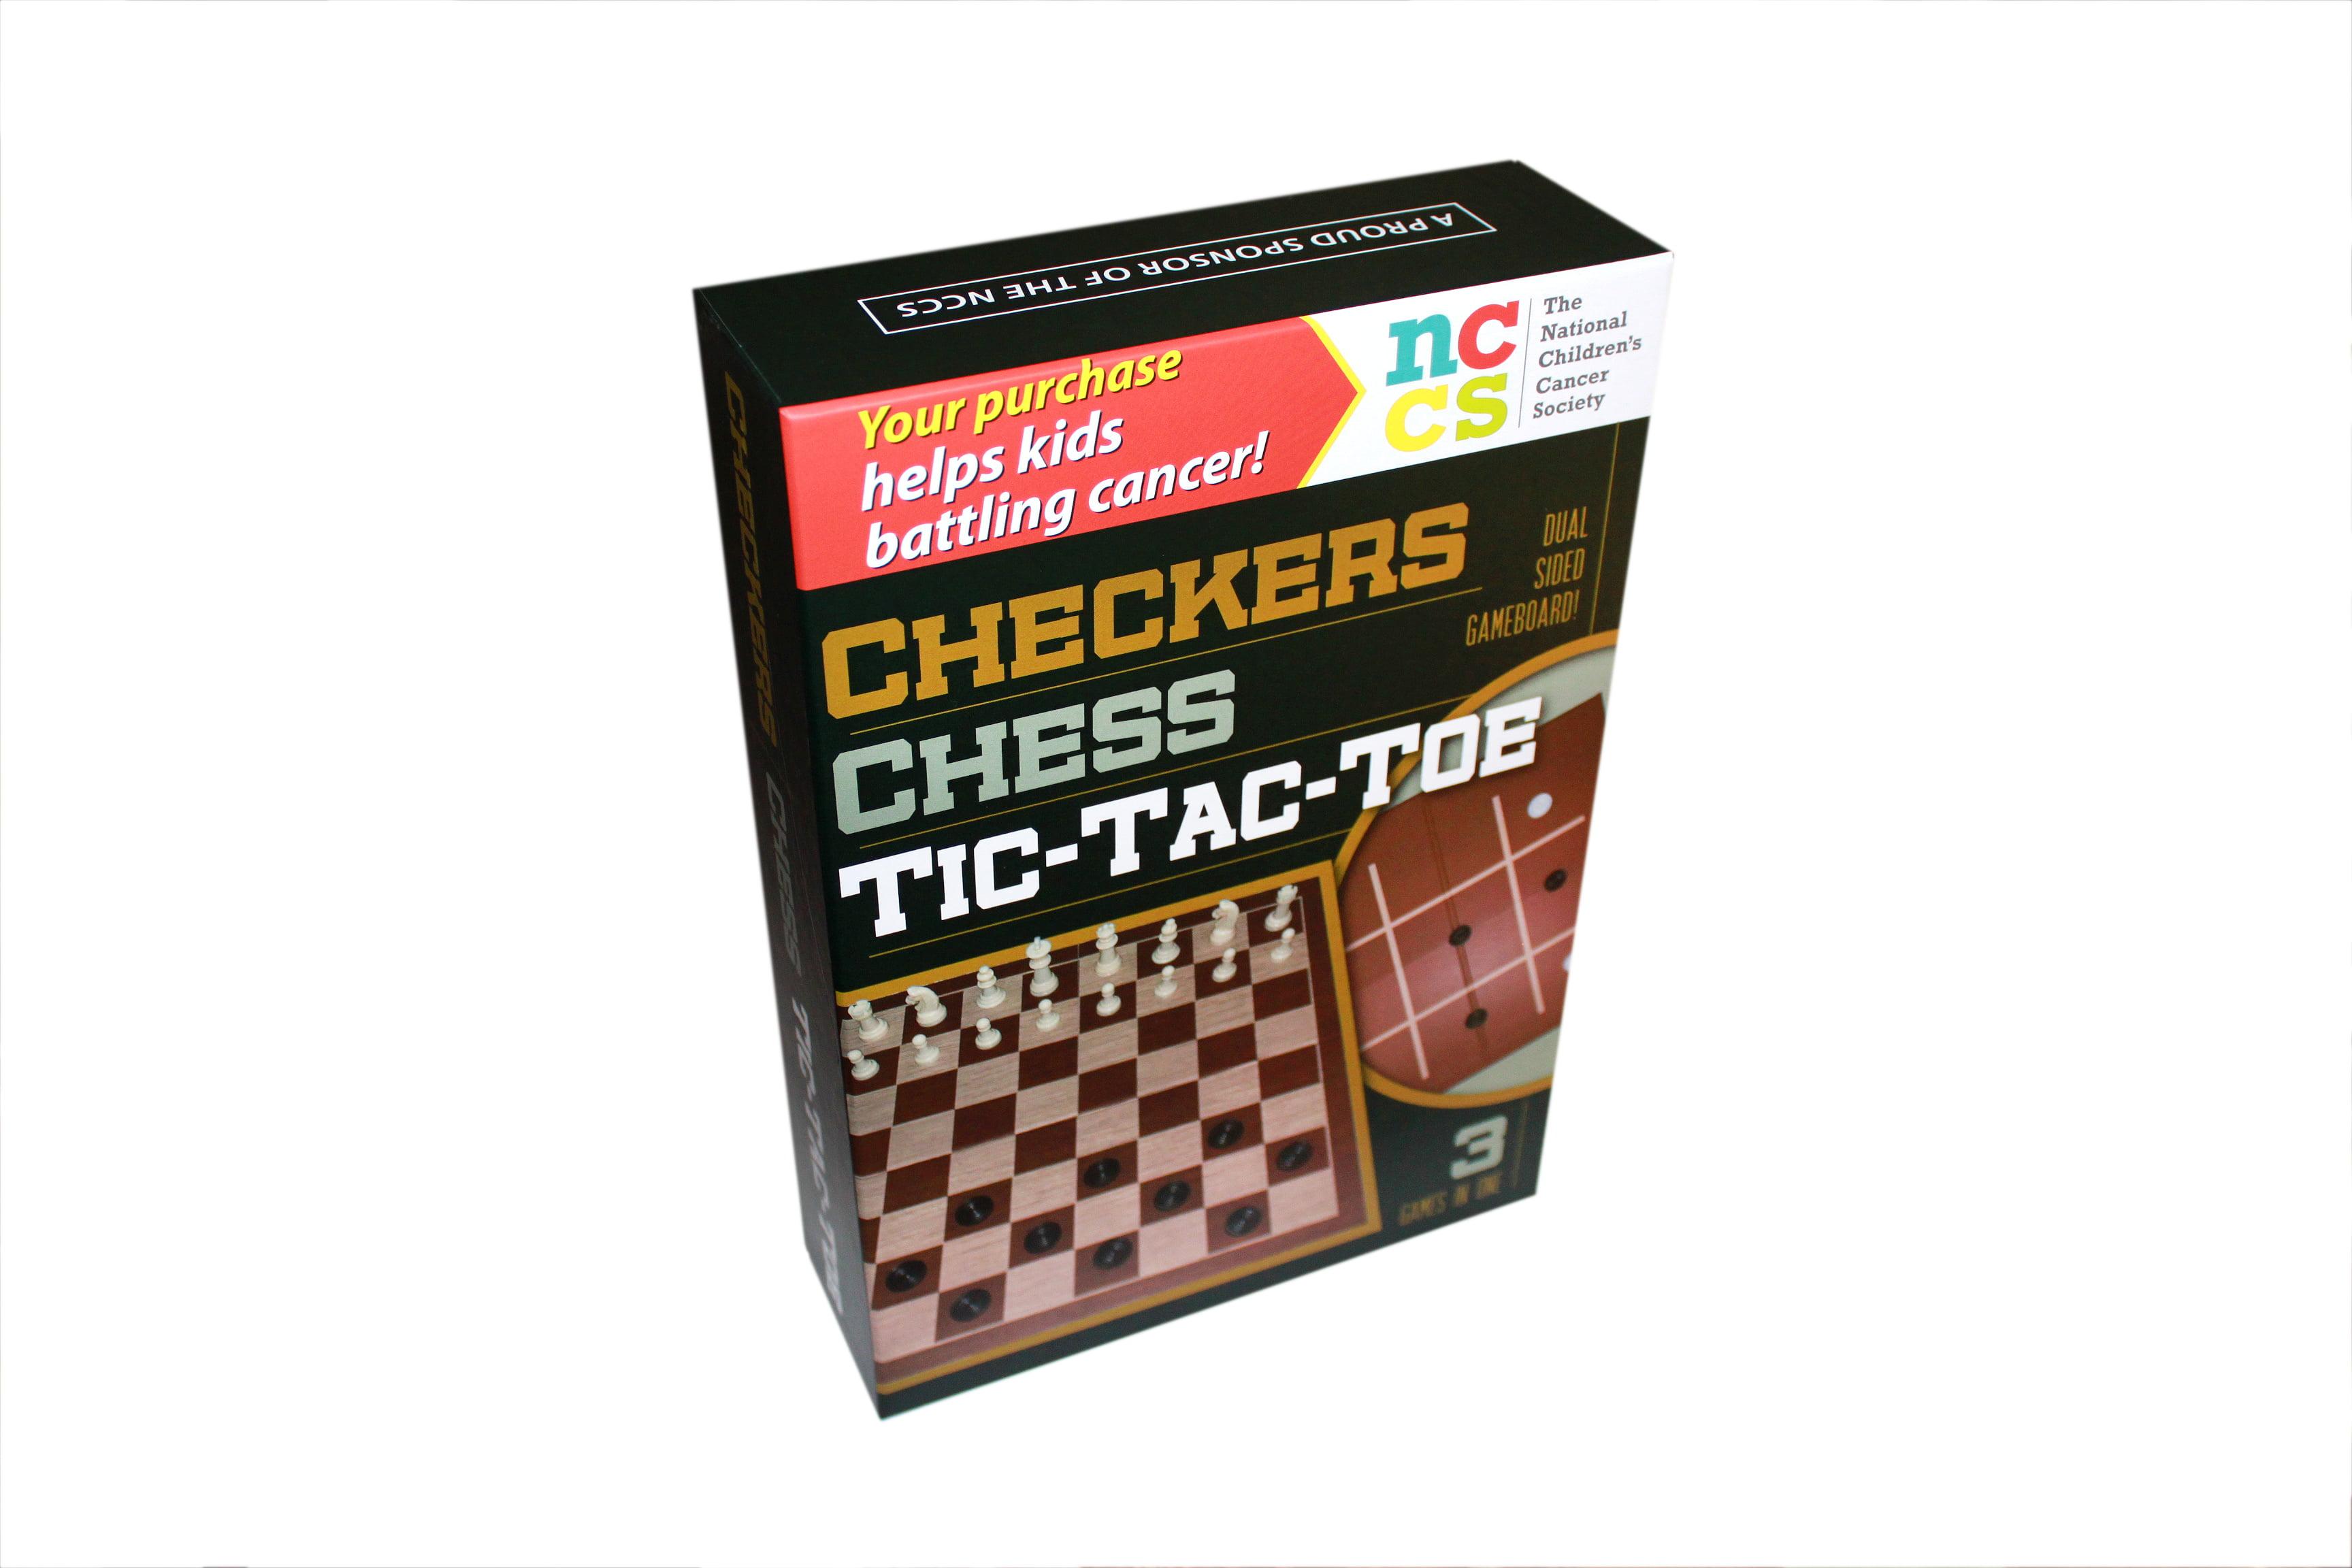 5 Star Checkers   Chess   Tic Tac Toe Set by H & H, LLC